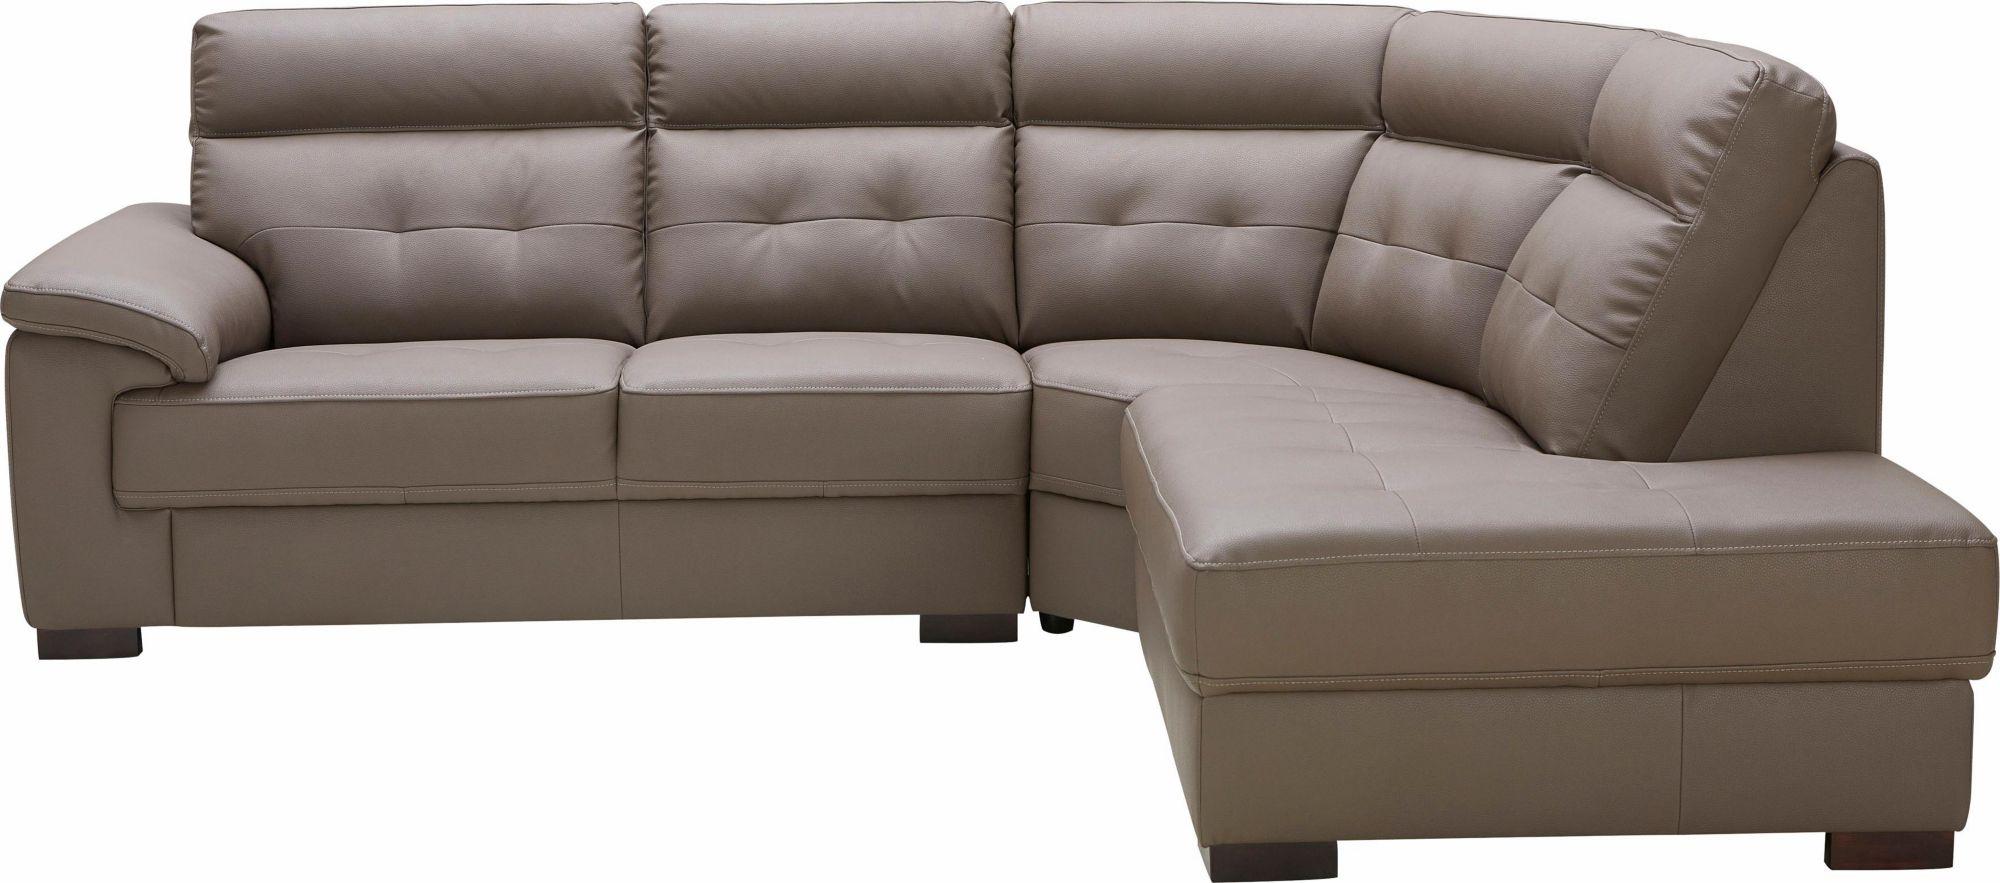 polsterecke g nstig online kaufen beim schwab versand. Black Bedroom Furniture Sets. Home Design Ideas